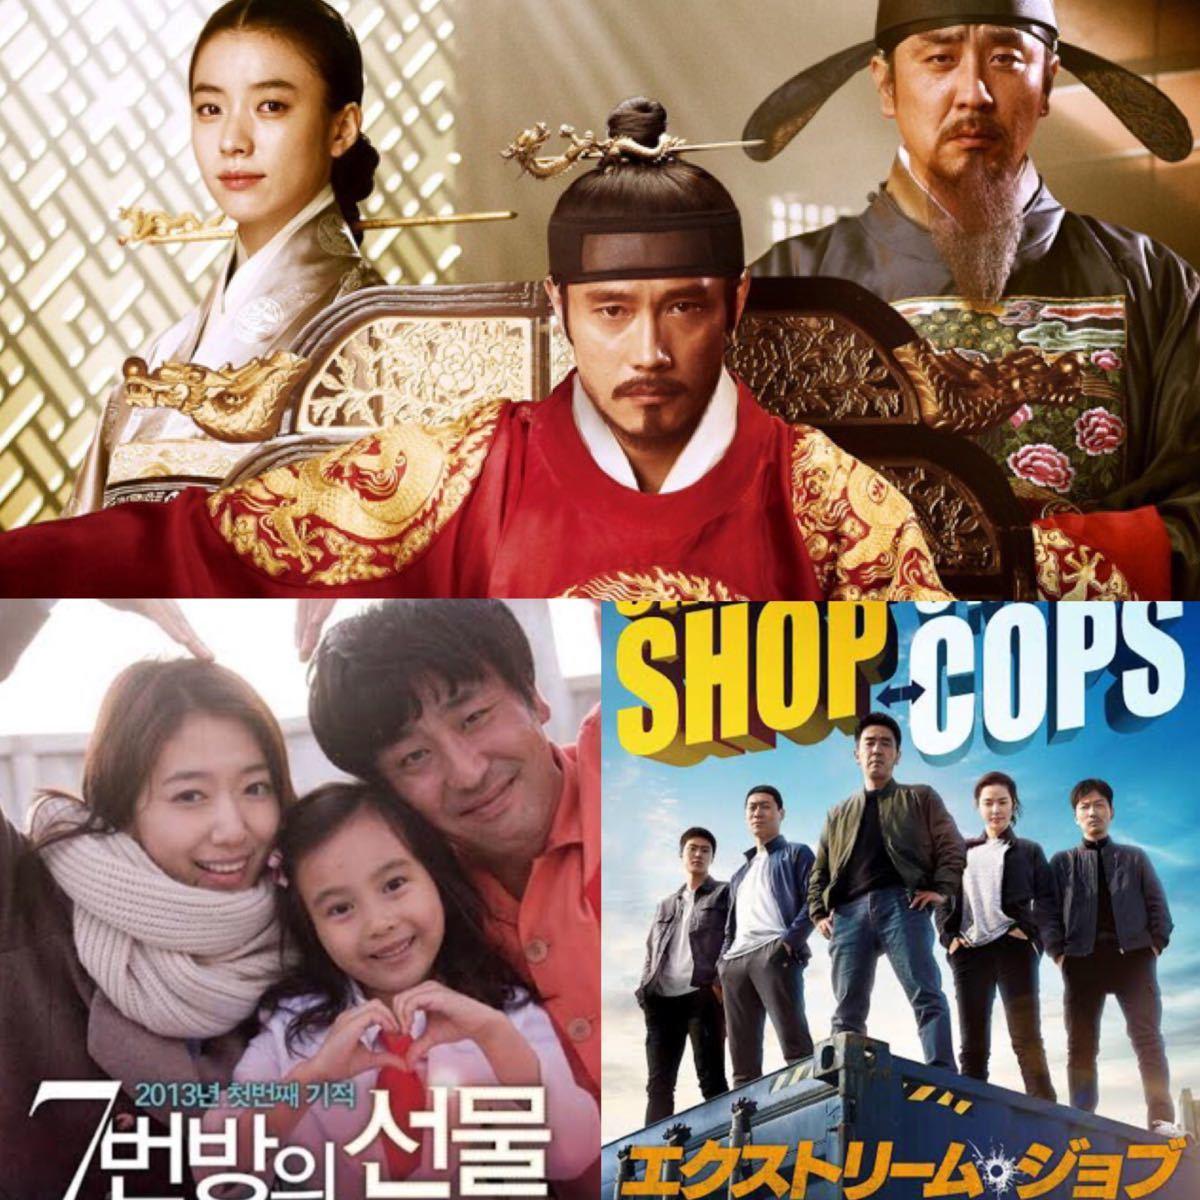 韓国映画  リュ・スンリョン  出演映画  DVD  3点セット  日本語吹替有り  レーベル有り  入替可能です